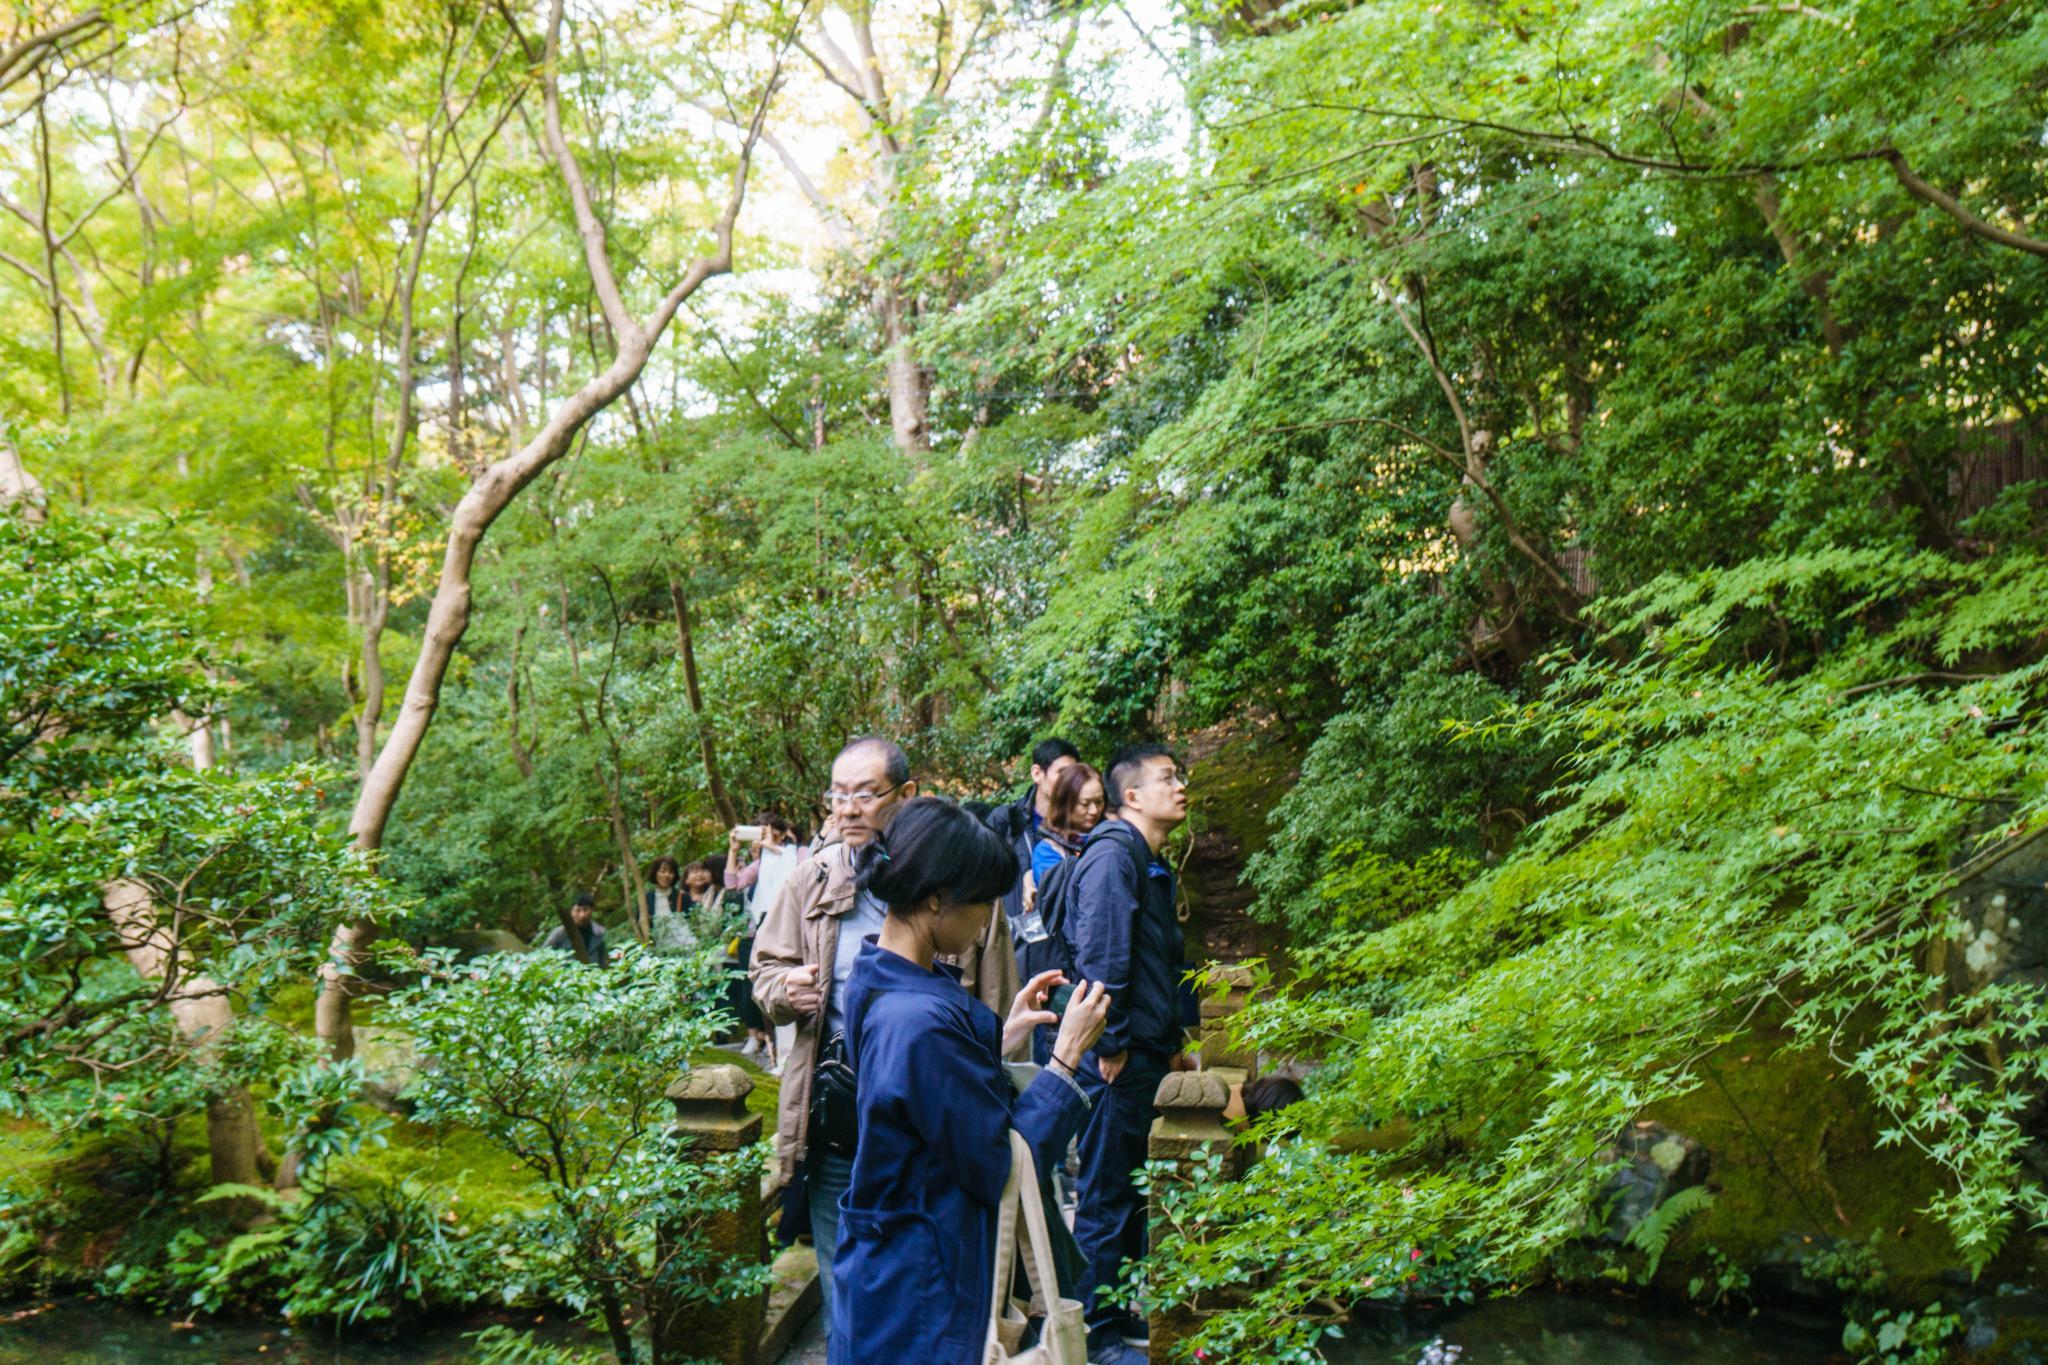 【京都】如夢似幻的琉璃光影 - 八瀨琉璃光院 80